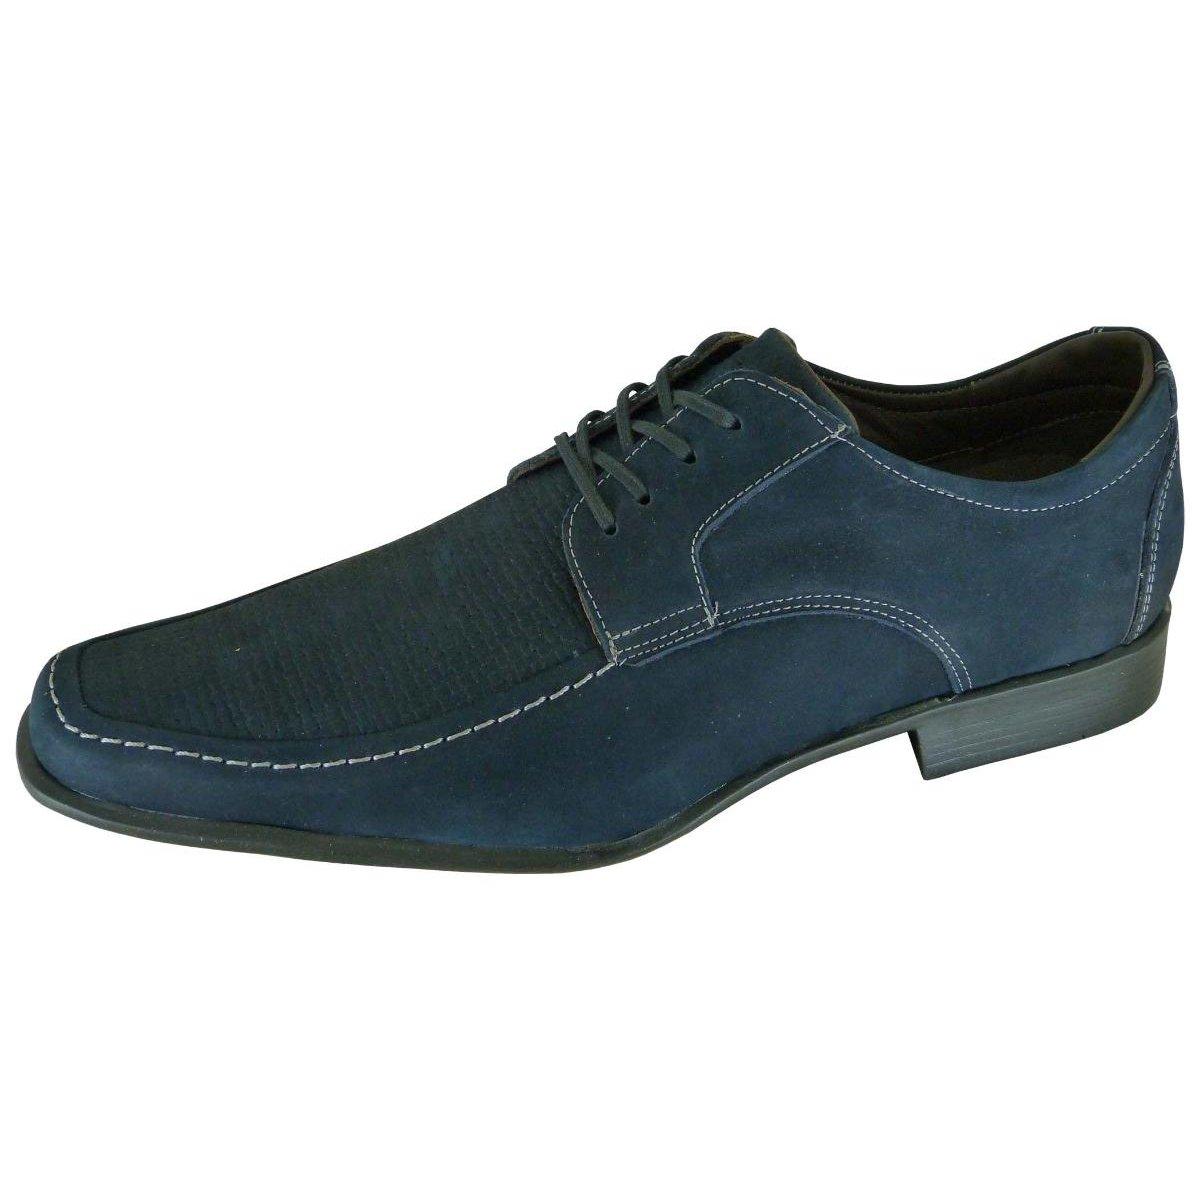 Hanoi com Azul Cadarço Social com Sapato Sapato Social Escuro Stefanello Hanoi Masculino Cadarço qA0wPx88Y